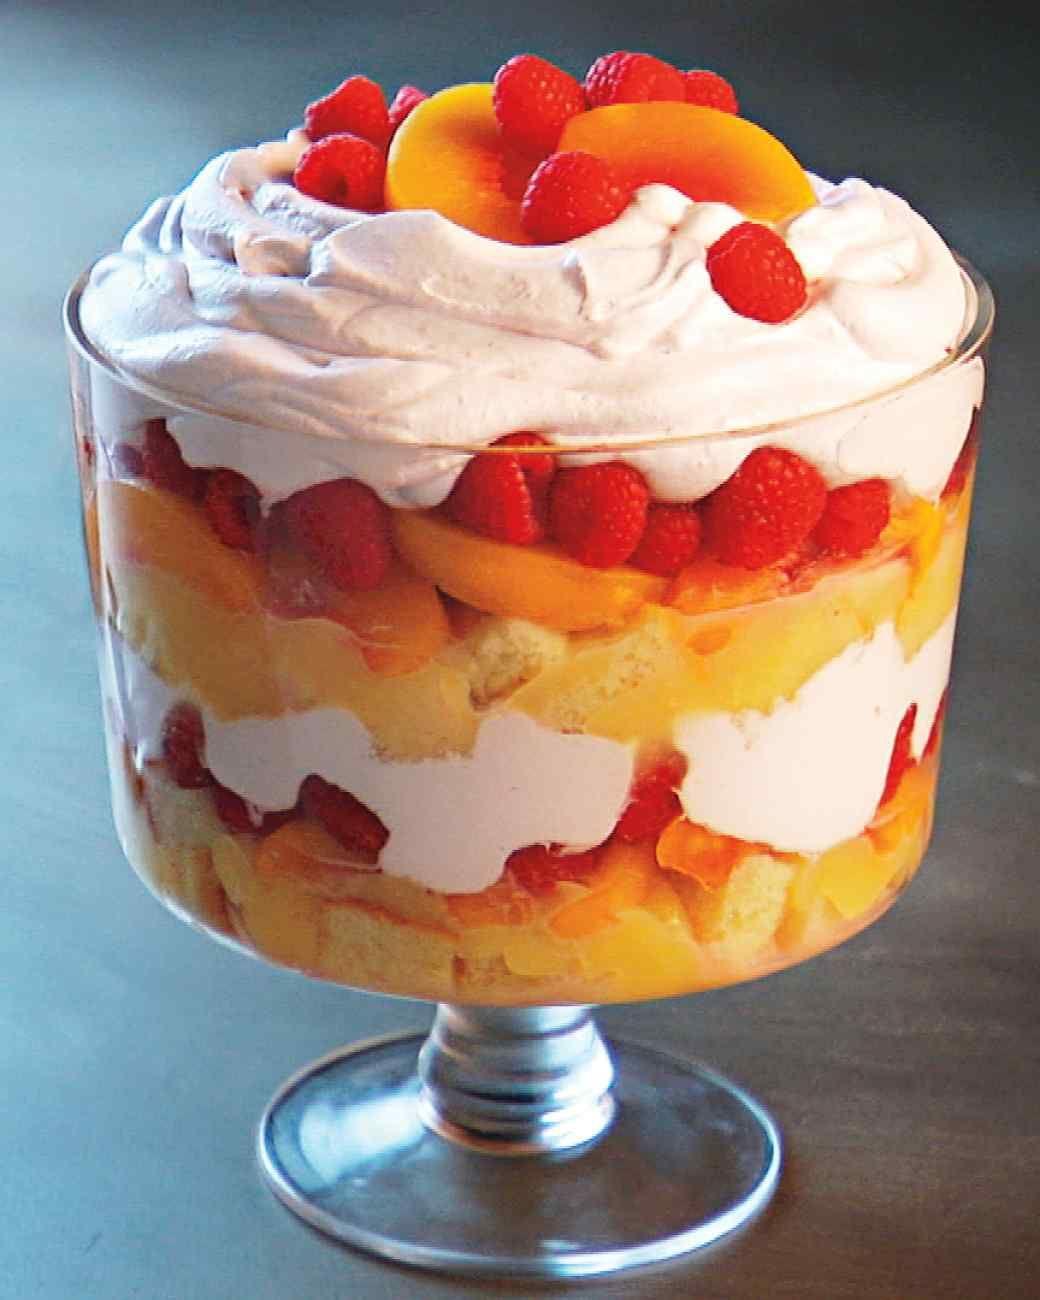 Christmas Trifle | Recipe | Trifle recipe, Christmas trifle, Desserts